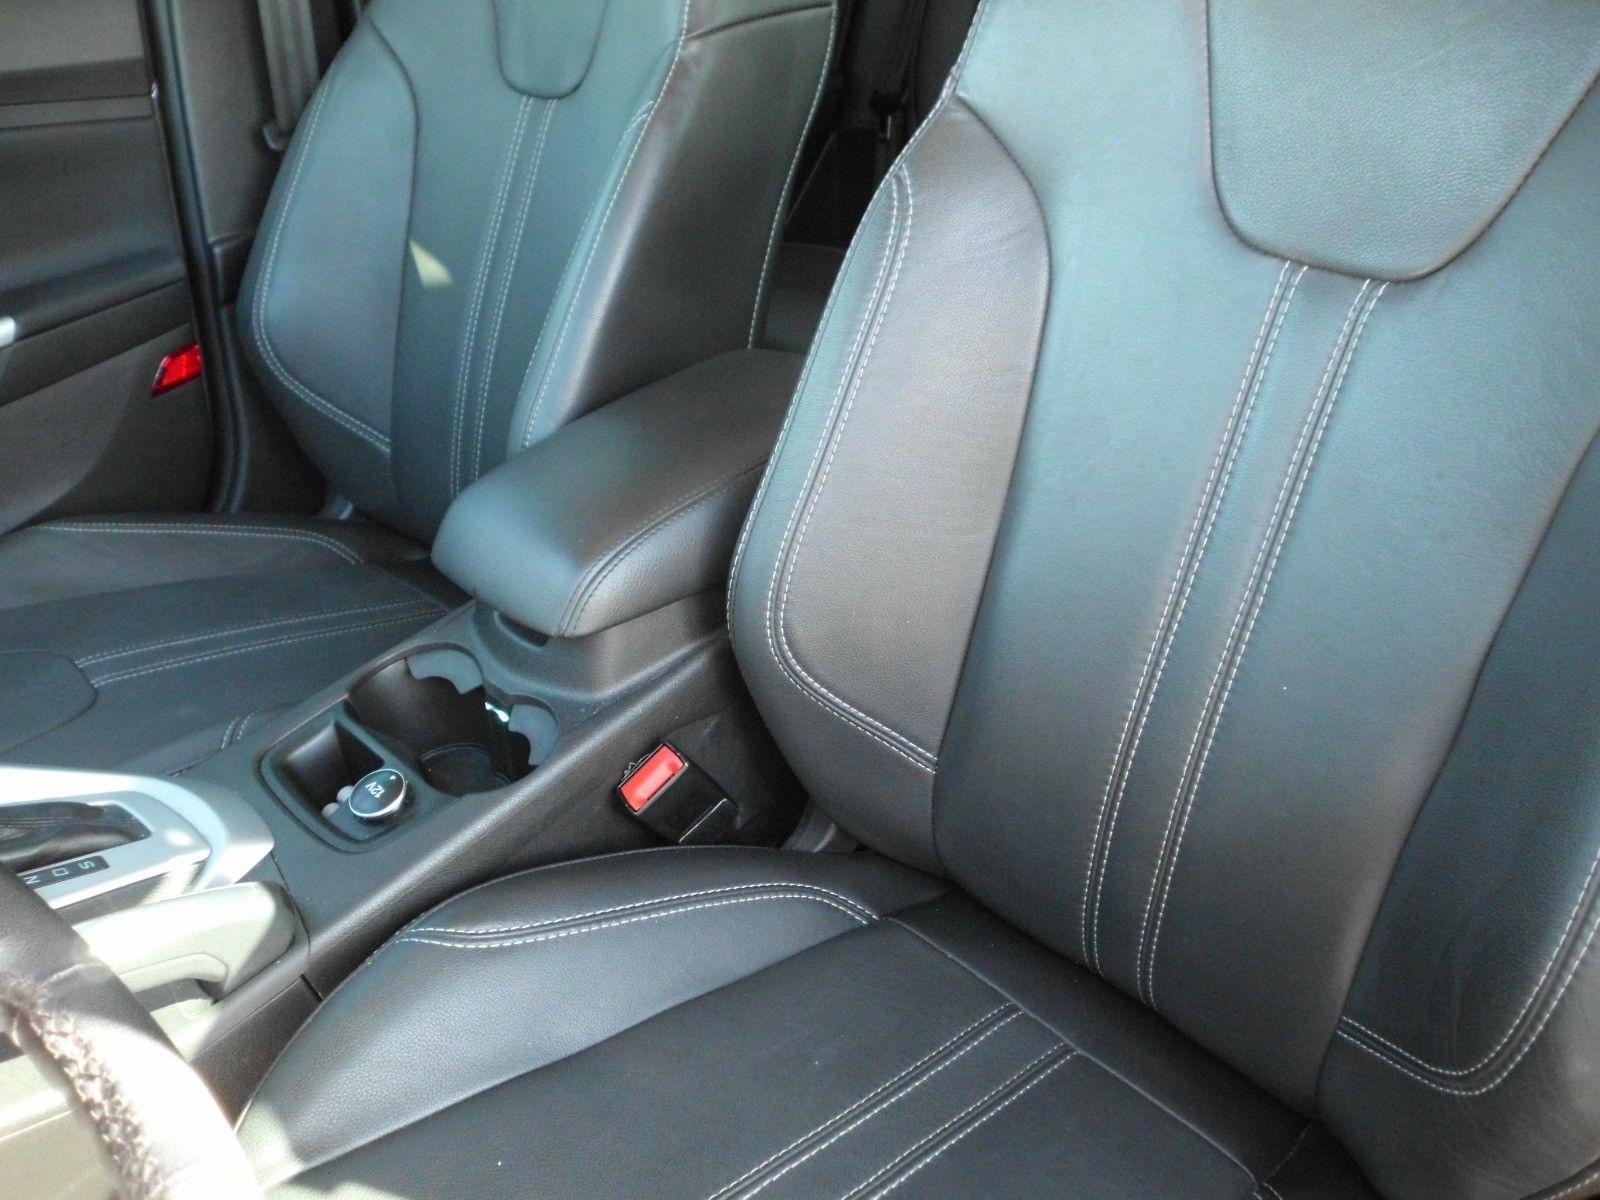 Amazing 2014 Ford Focus Se Titanium Pkg With Seats Item Specifics